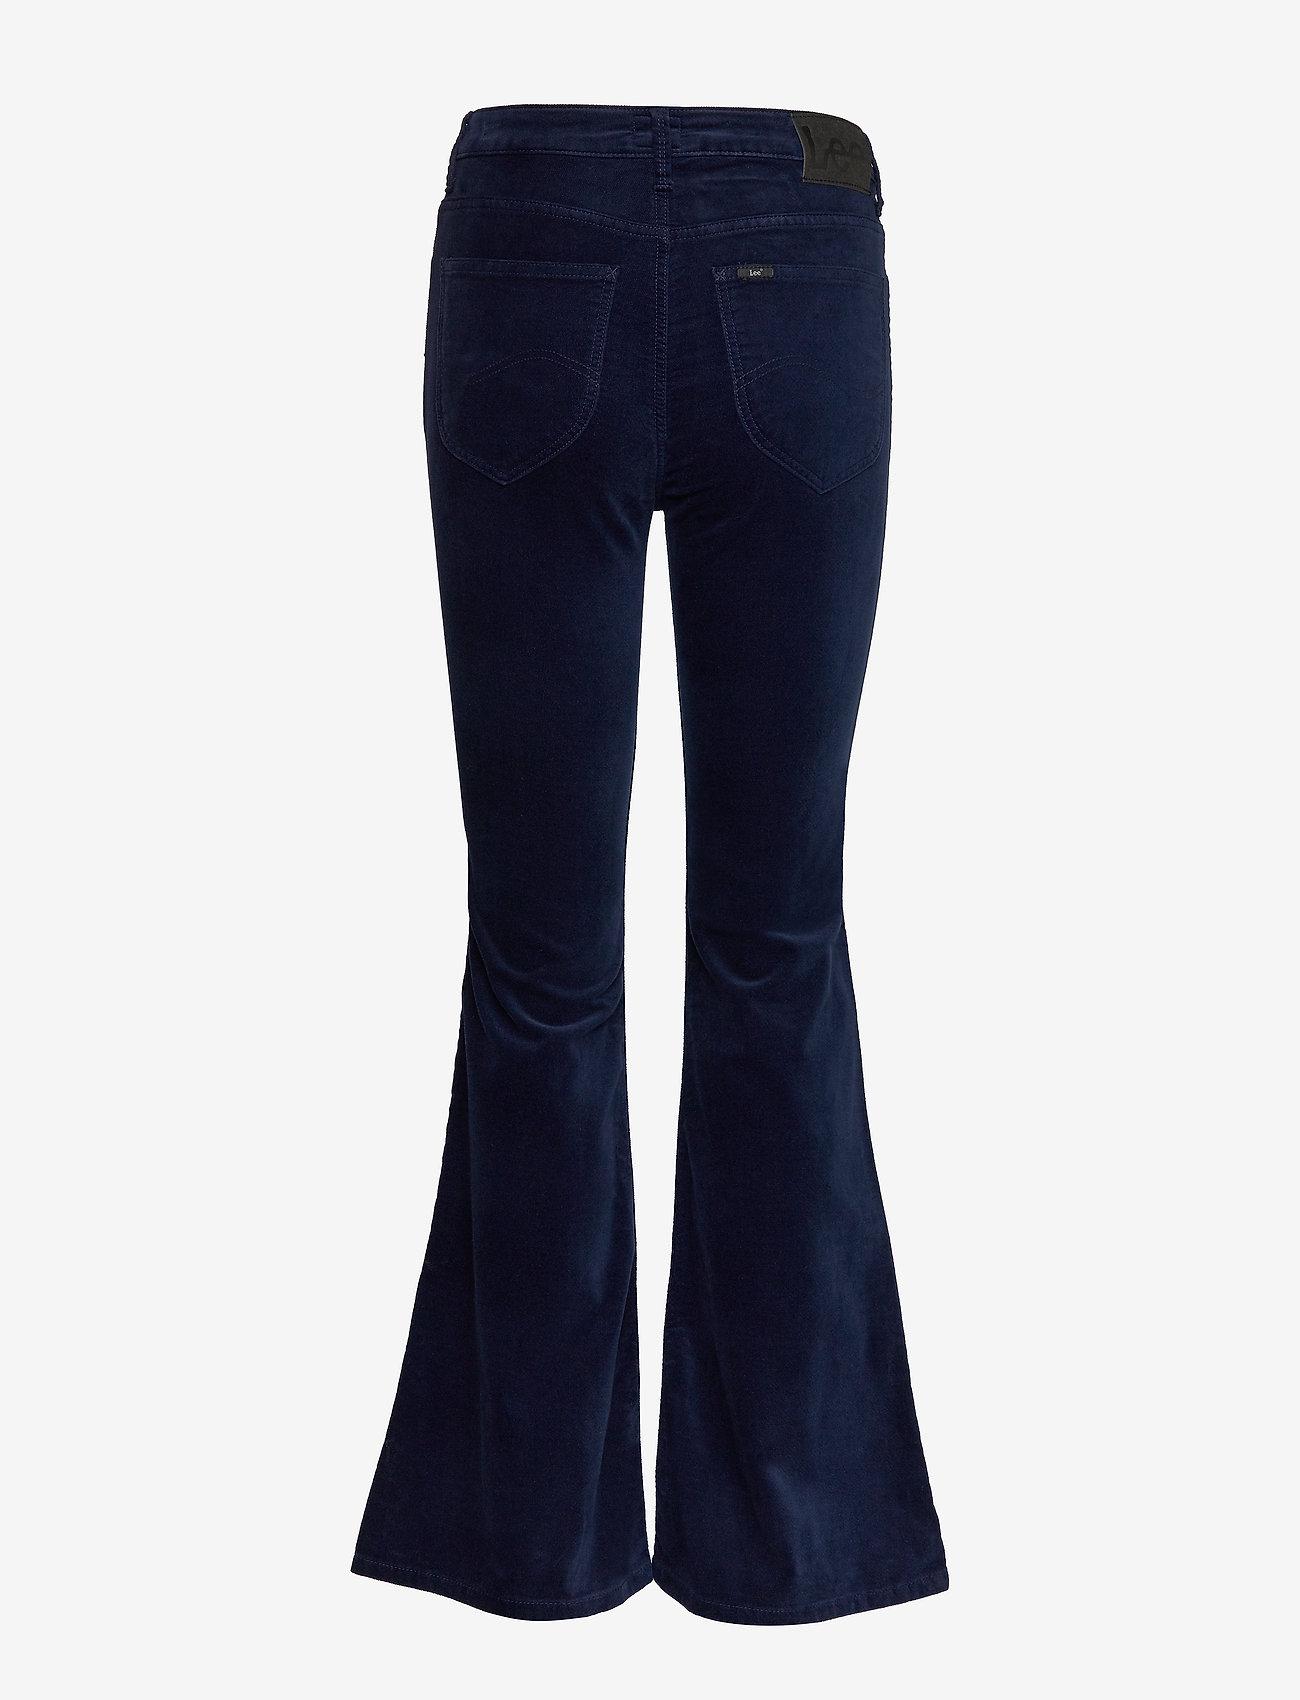 Lee Jeans - BREESE - flared jeans - midnight velvet - 1